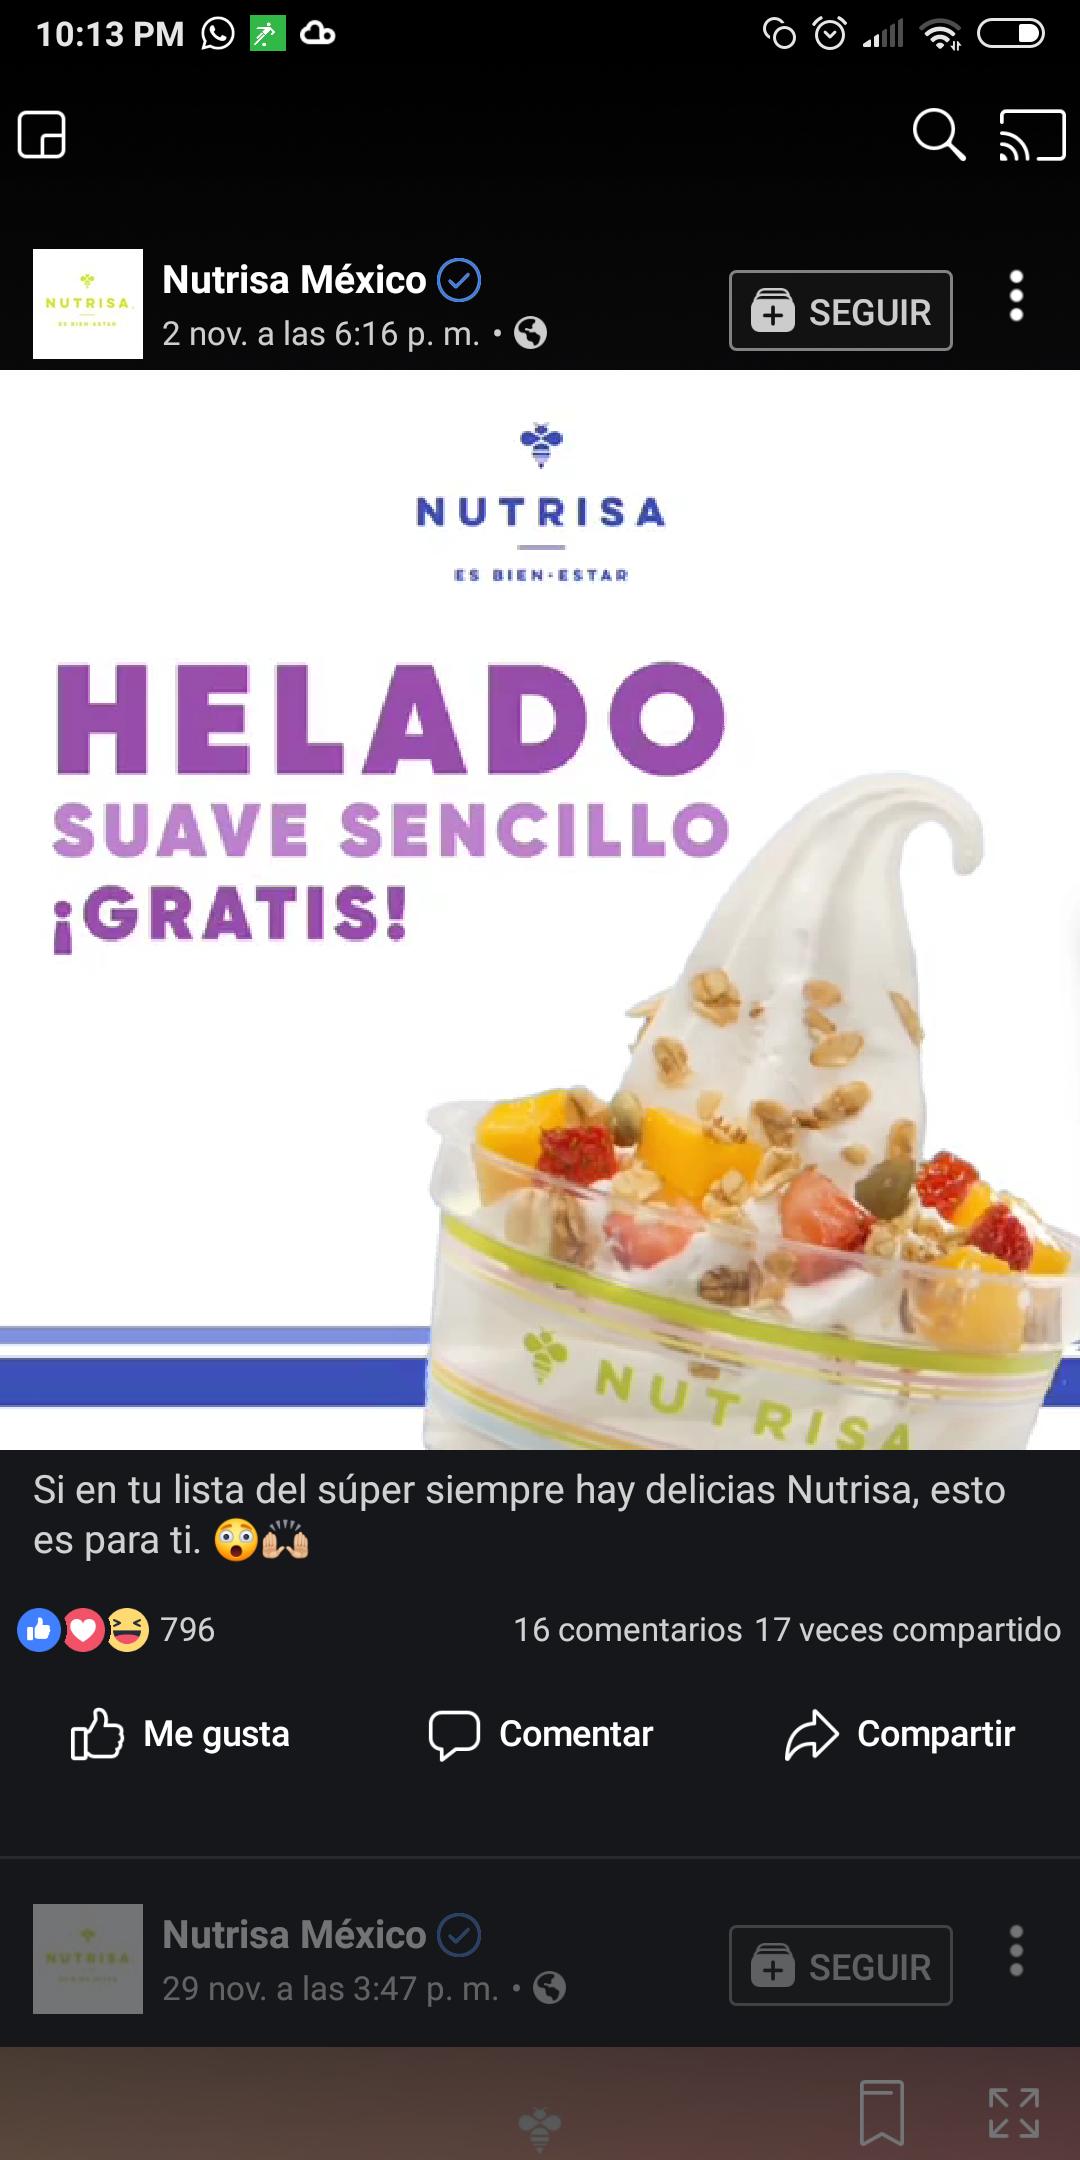 Nutrisa: Compra dos productos Nutrisa en el super y llévate un helado suave sencillo gratis